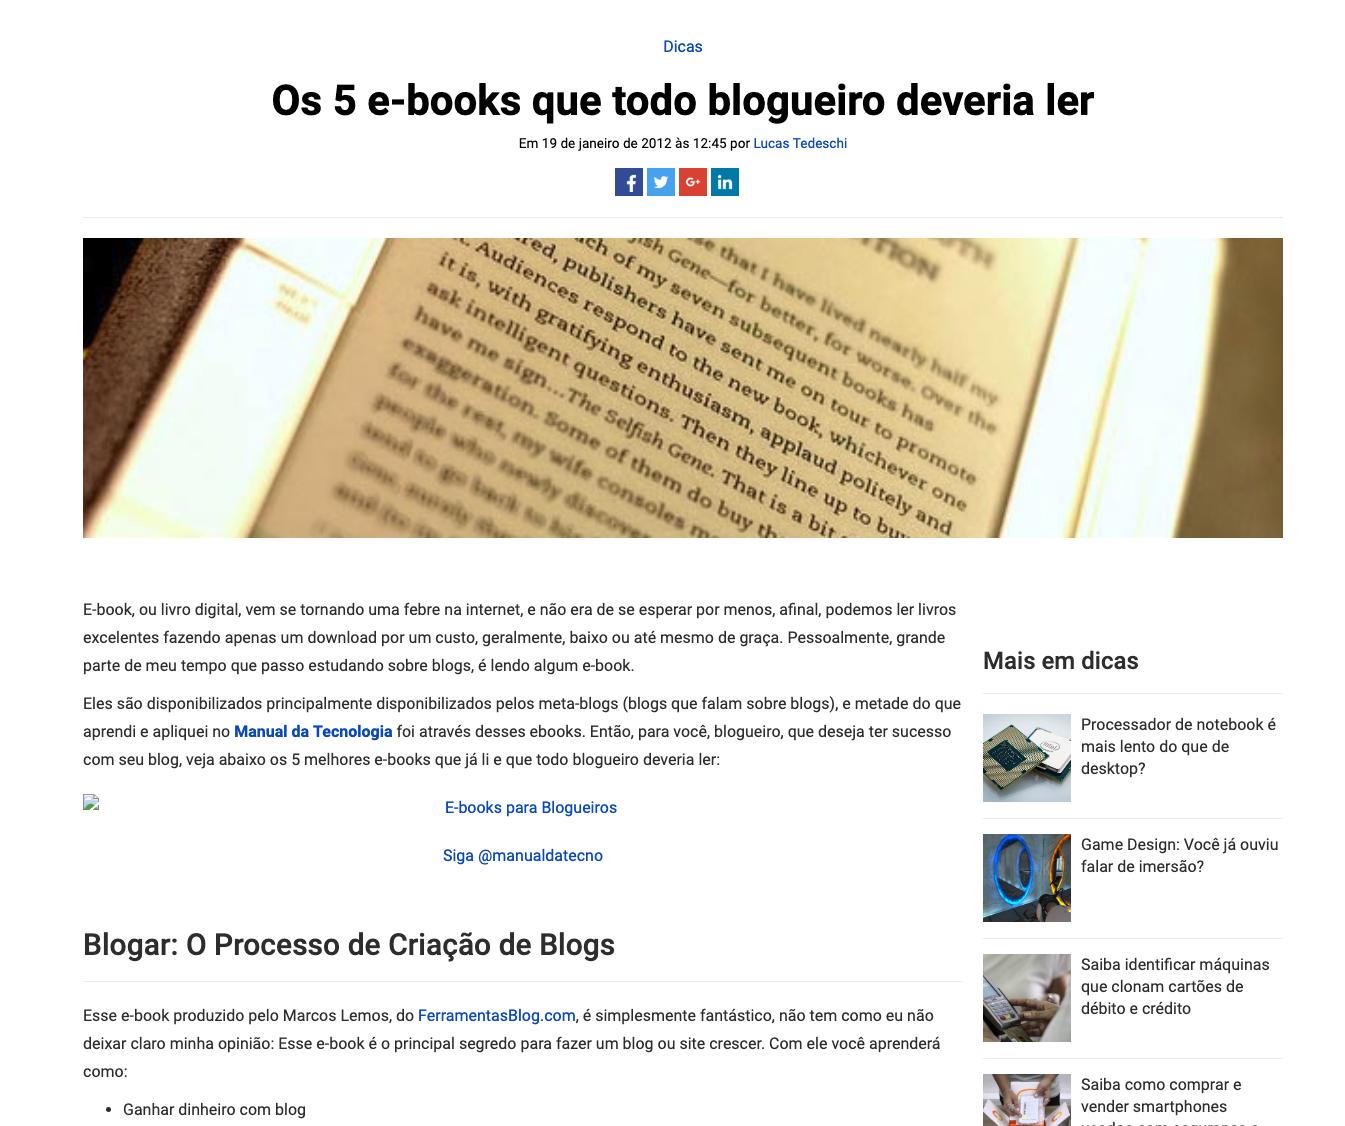 5 ebooks que todo o blogueiro devia ler